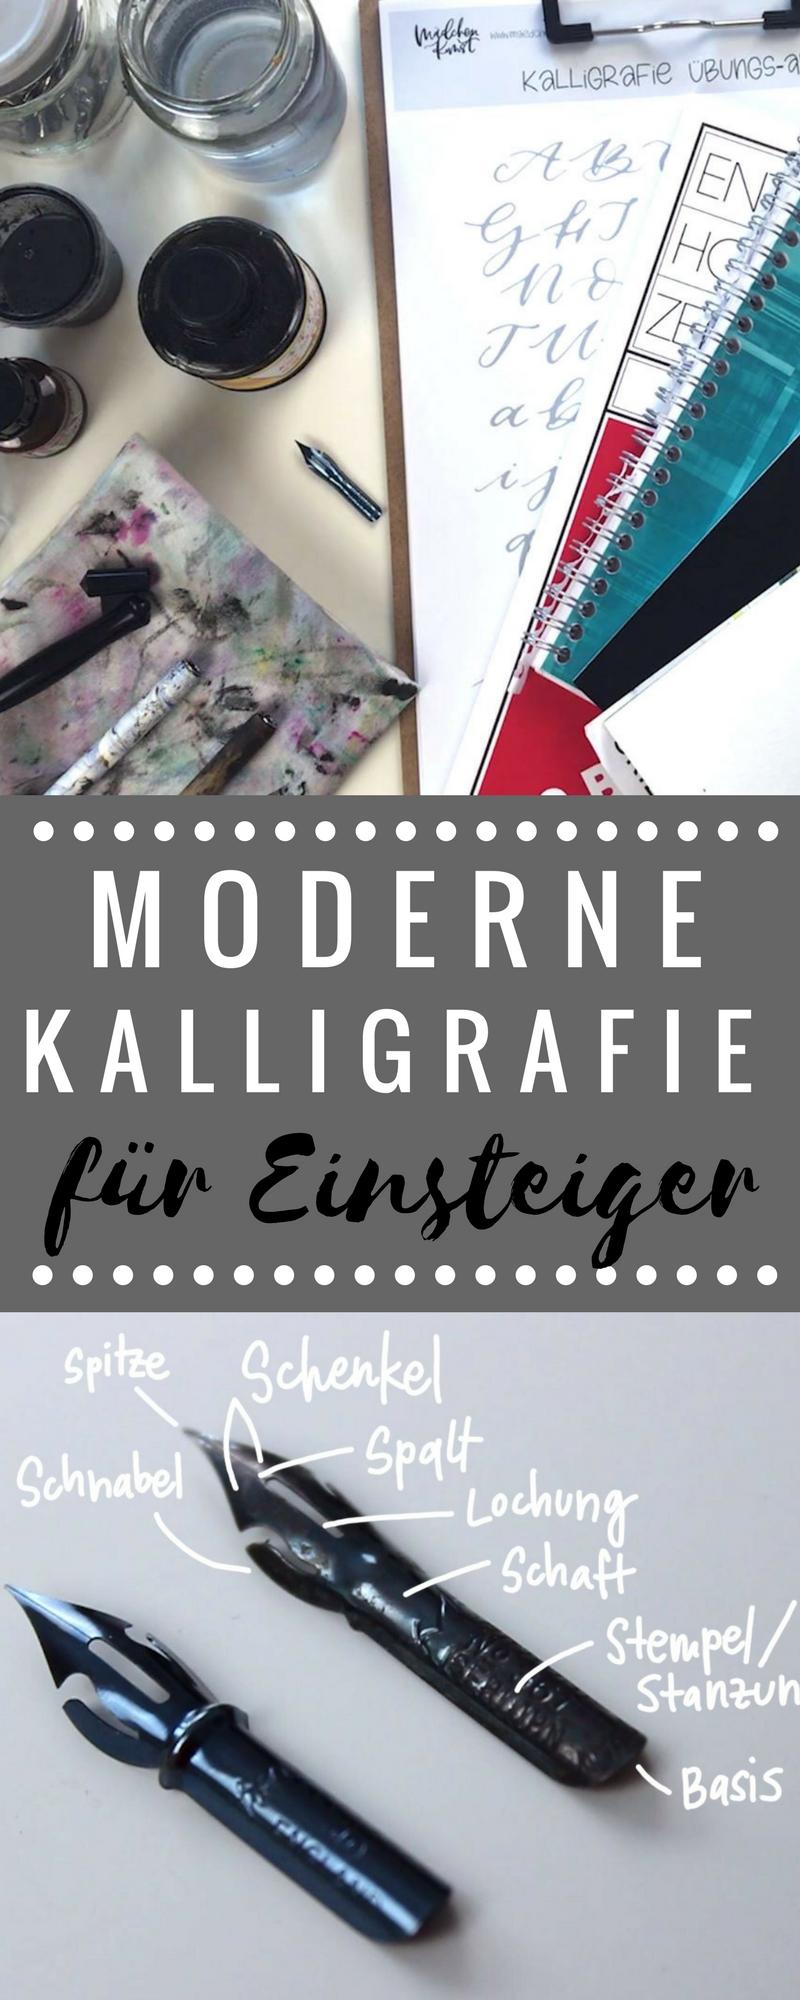 Moderne Kalligrafie für Anfänger ⋆ Mädchenkunst